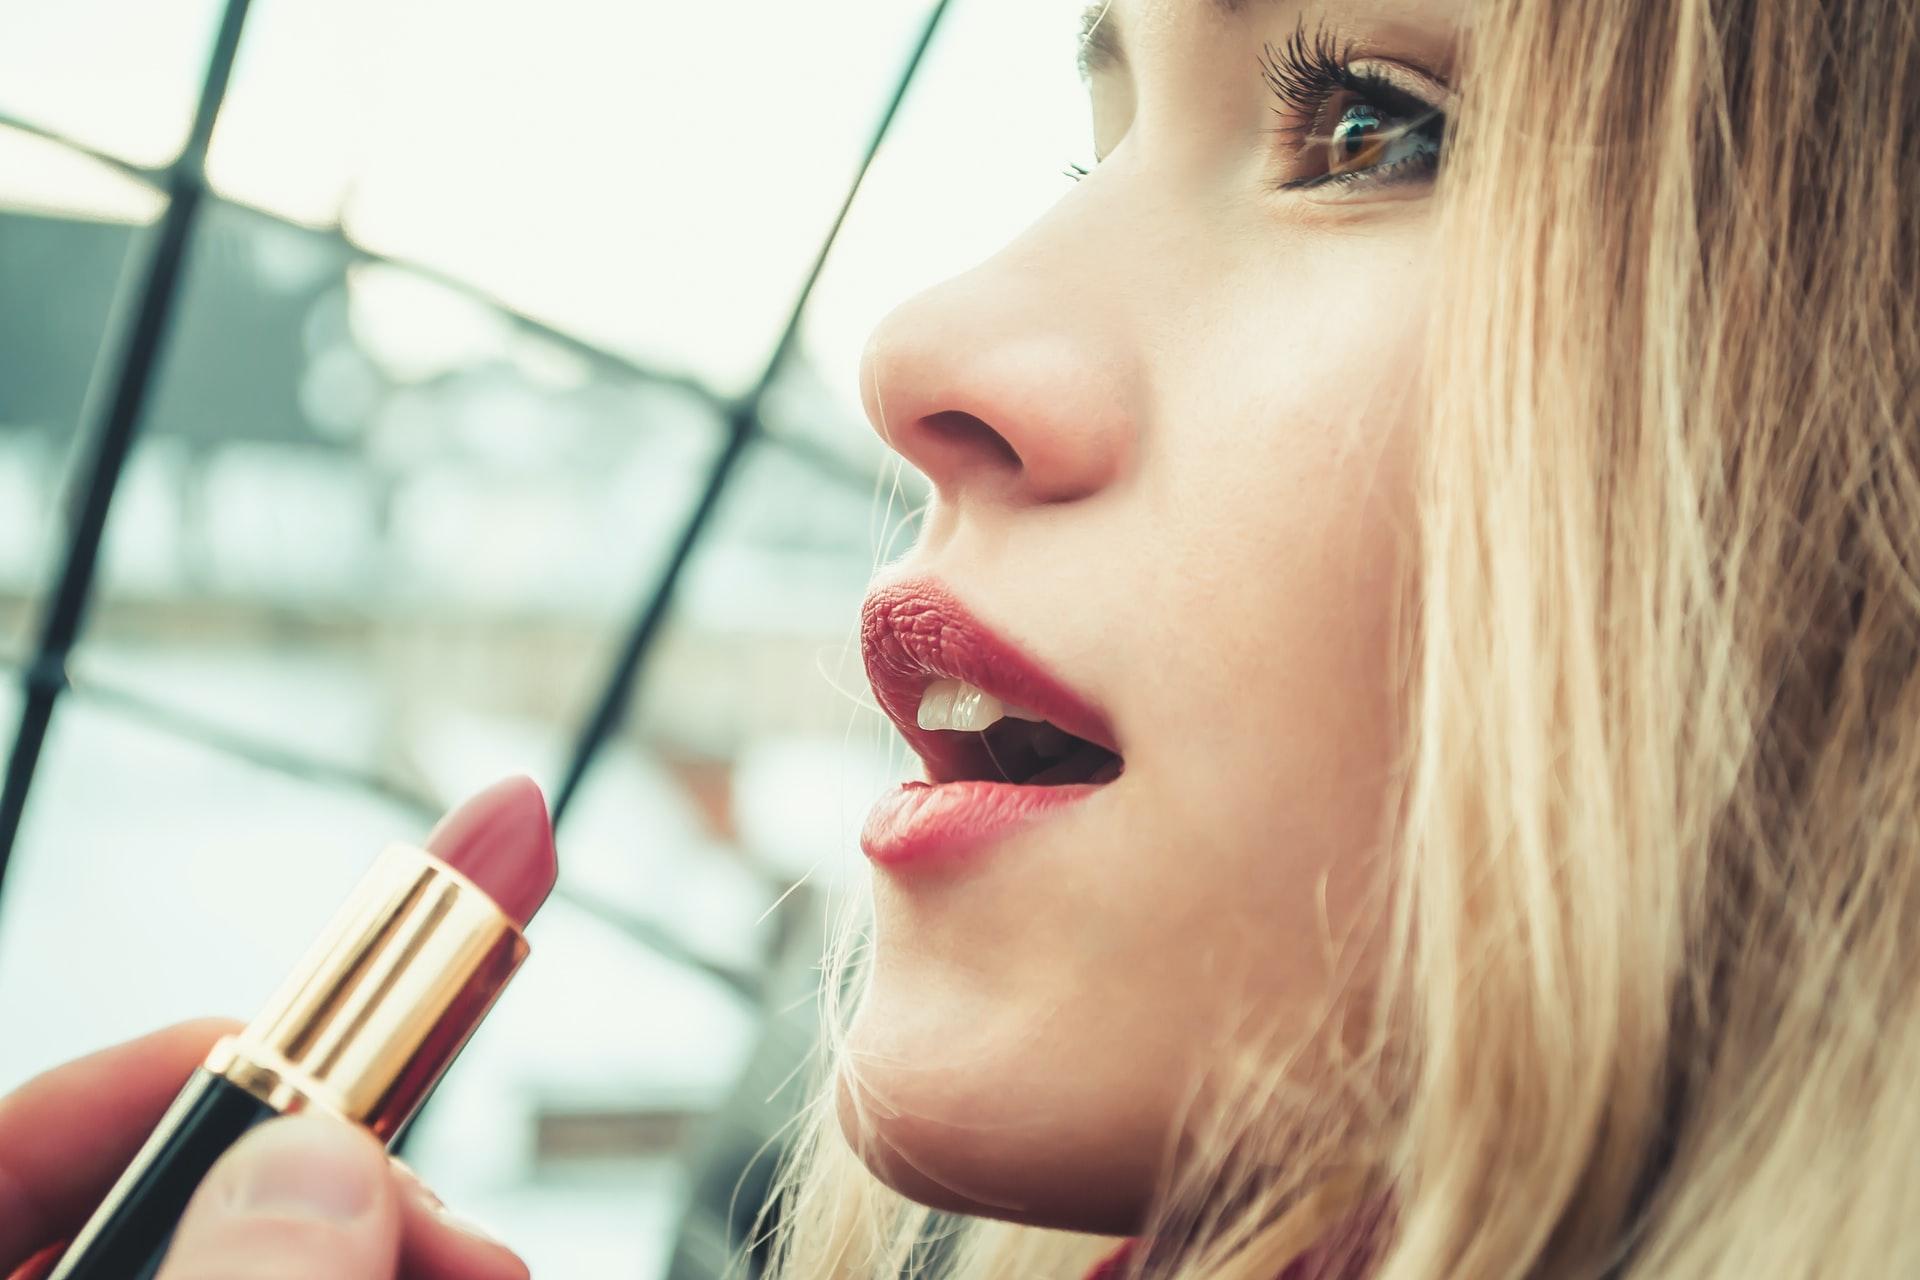 נערות ליווי באילת –בדירות דיסקרטיות את המפגשים האלו אתם לא צריכים לפספס